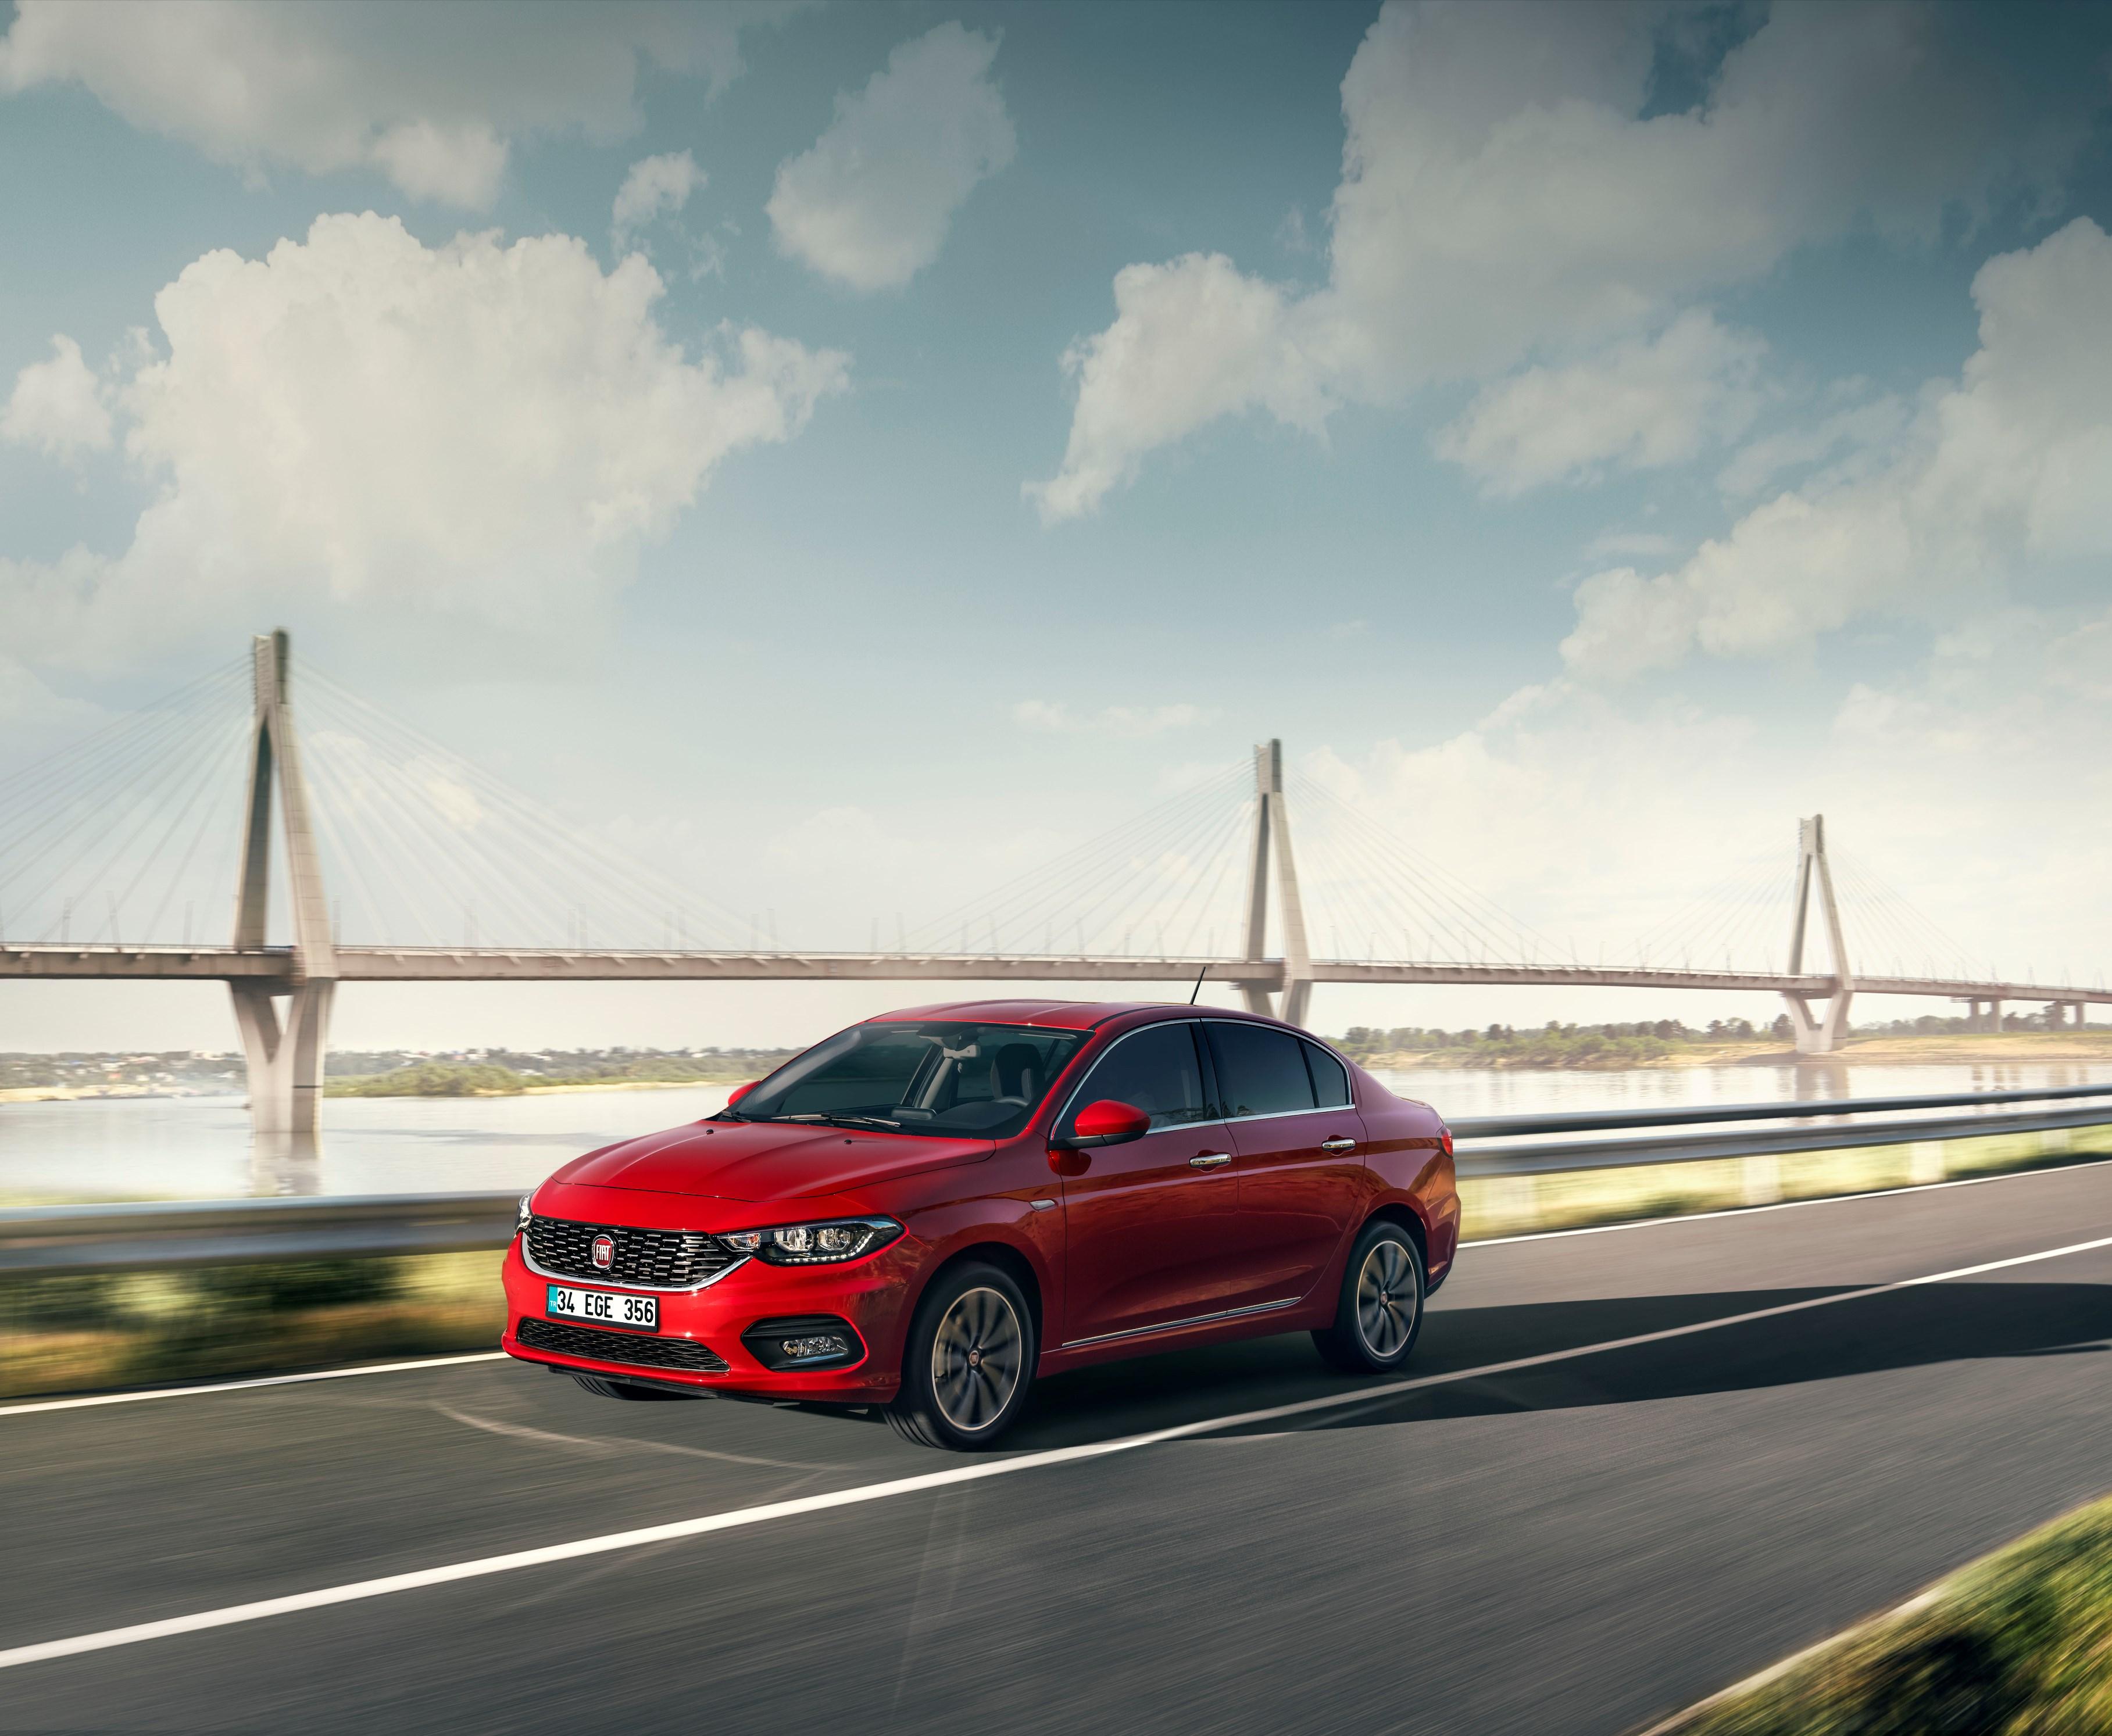 Fiat Binek Otomobil Modelleri Ocak 2018 Kampanyası